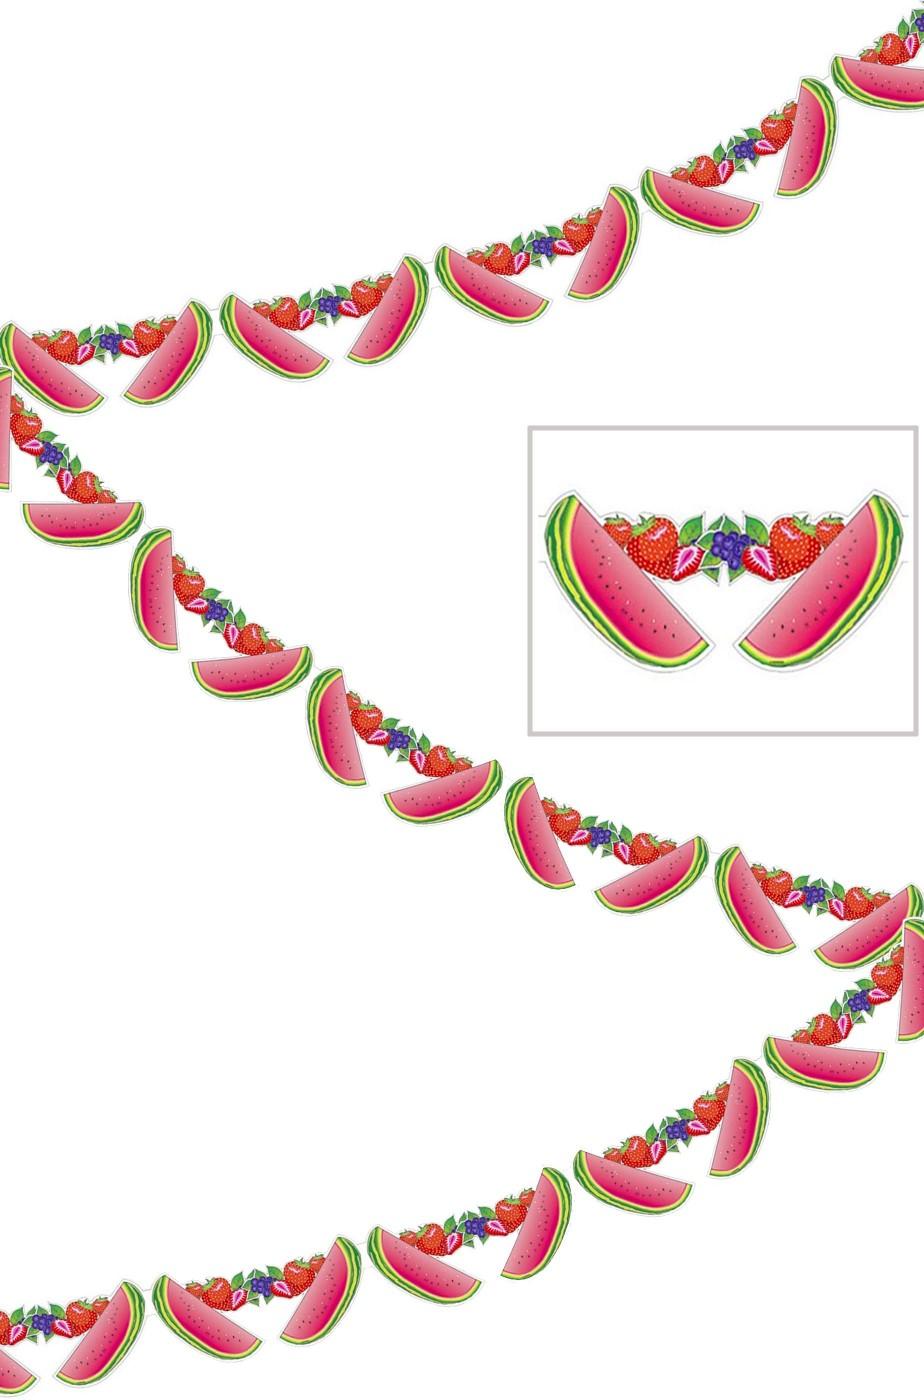 Striscione per festa tropicale frutta anguria lungo 3 metri